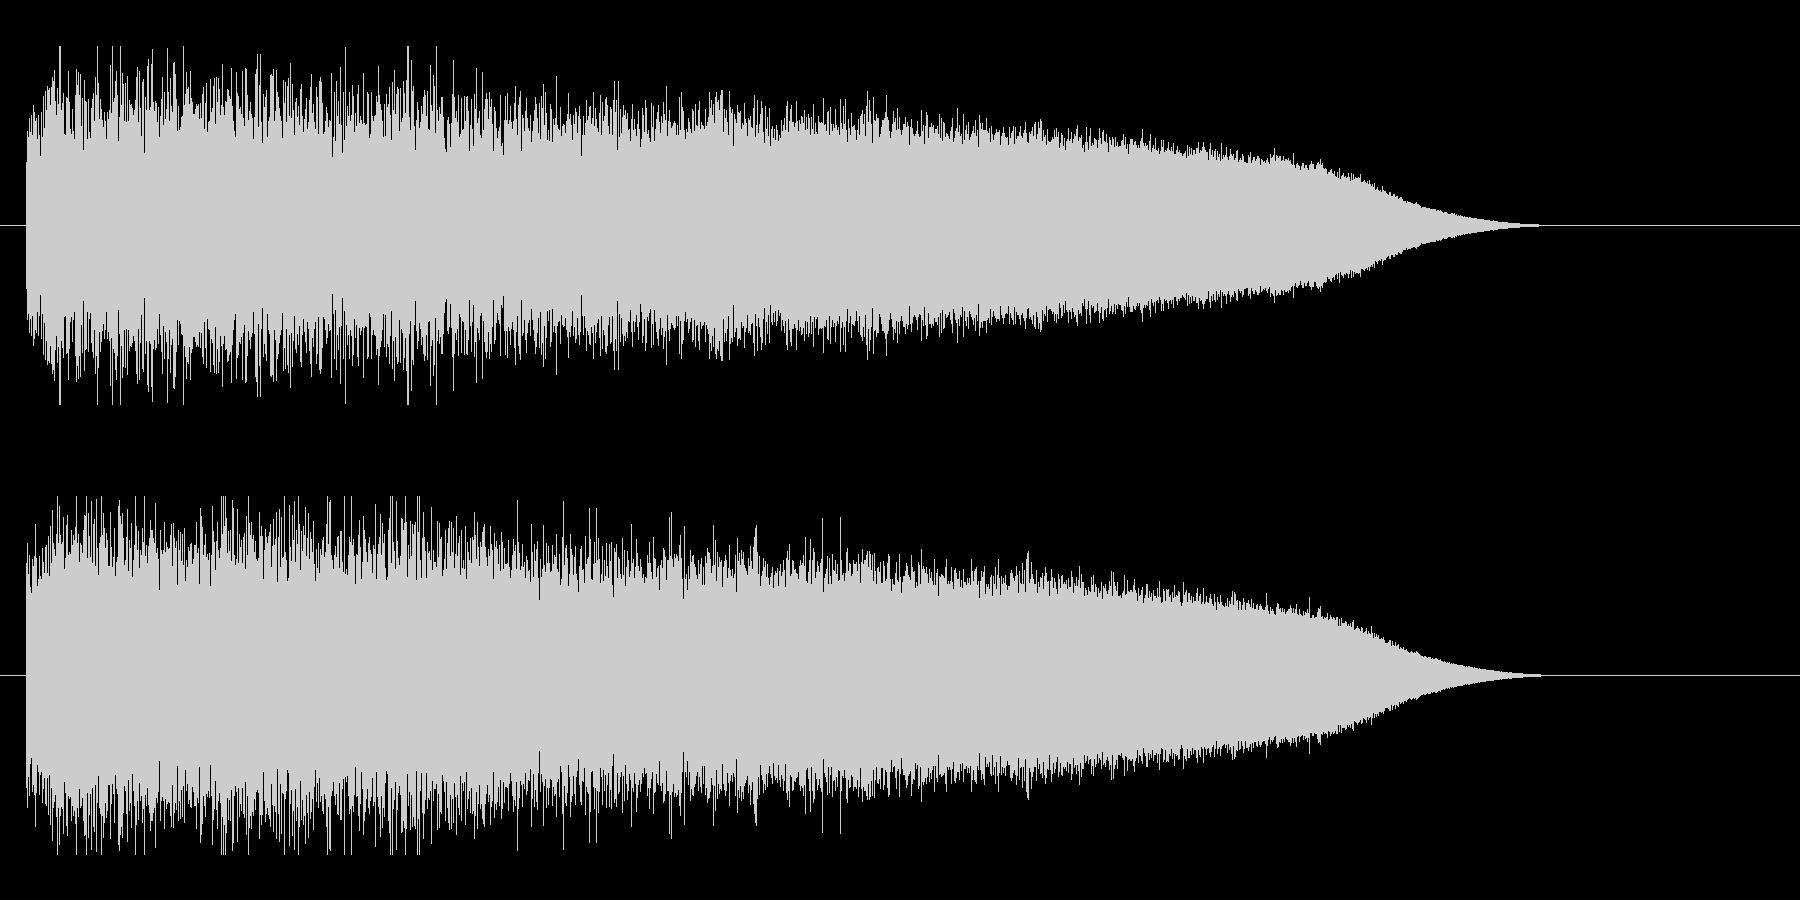 レーザー音-88-3の未再生の波形